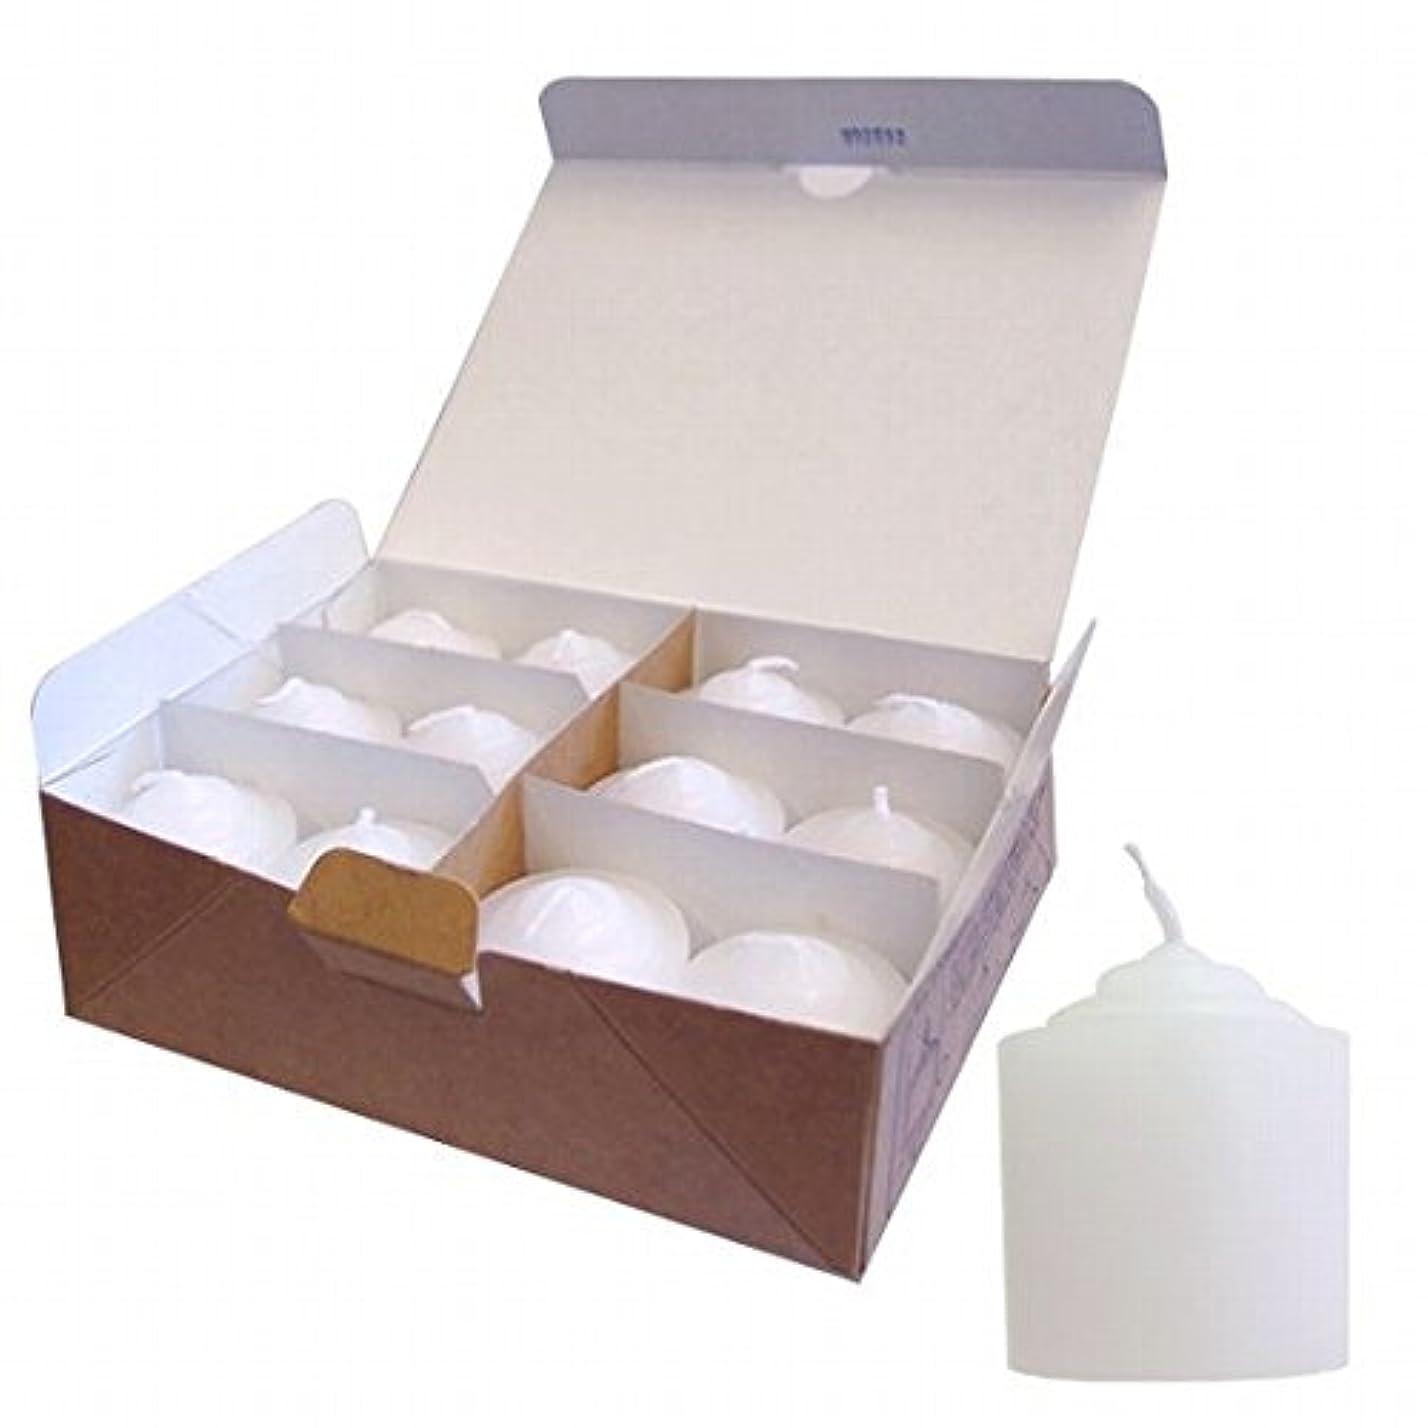 証書トリッキー一月カメヤマキャンドル( kameyama candle ) 8Hライト(8時間タイプ)12個入り